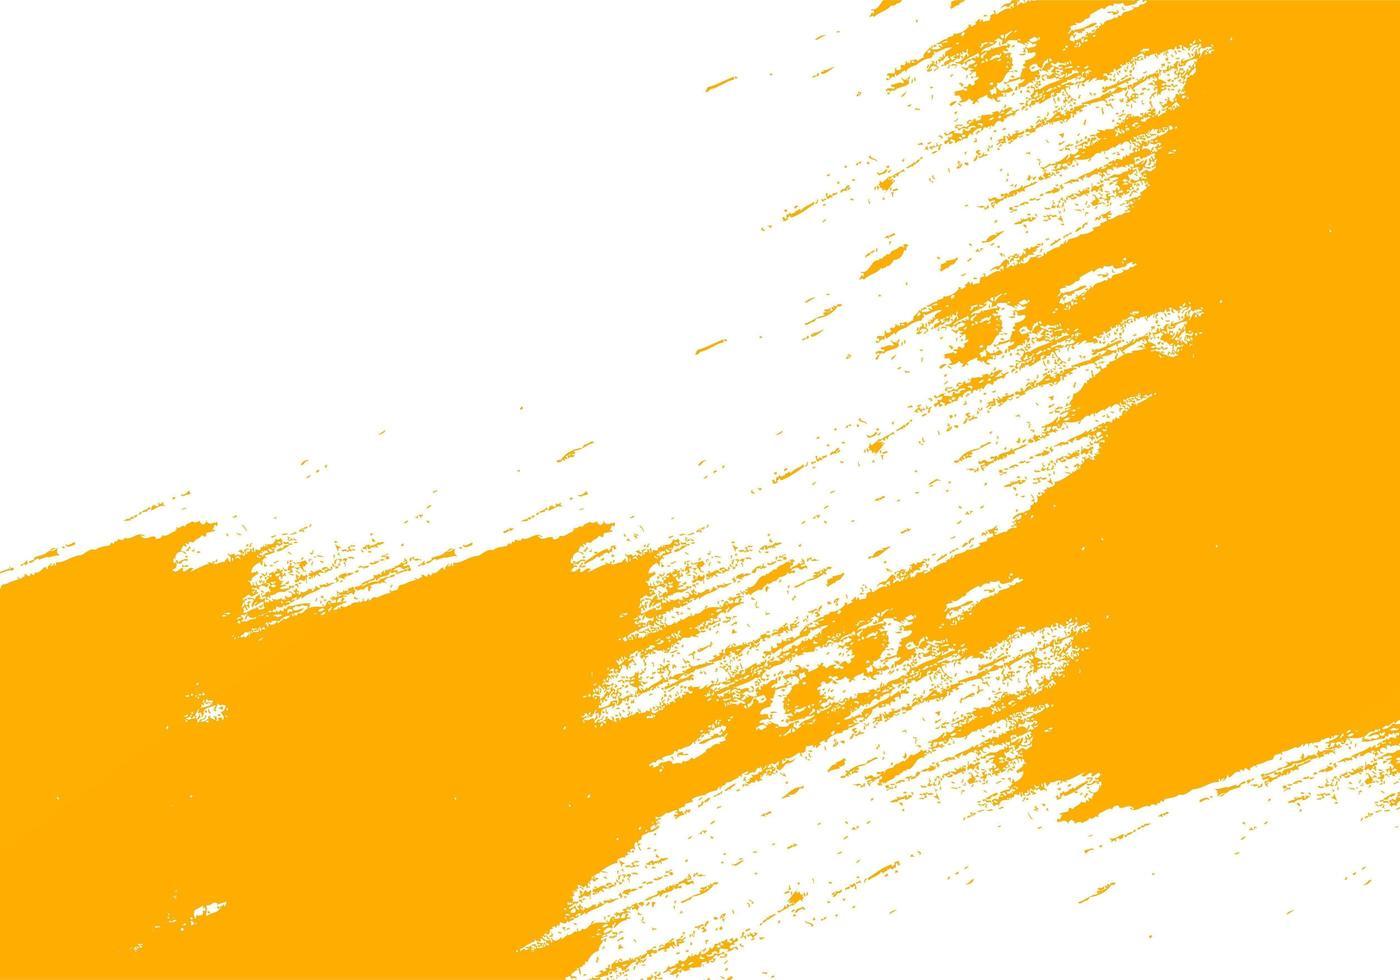 orange Grunge Pinselstrich Textur in Richtung Mitte vektor